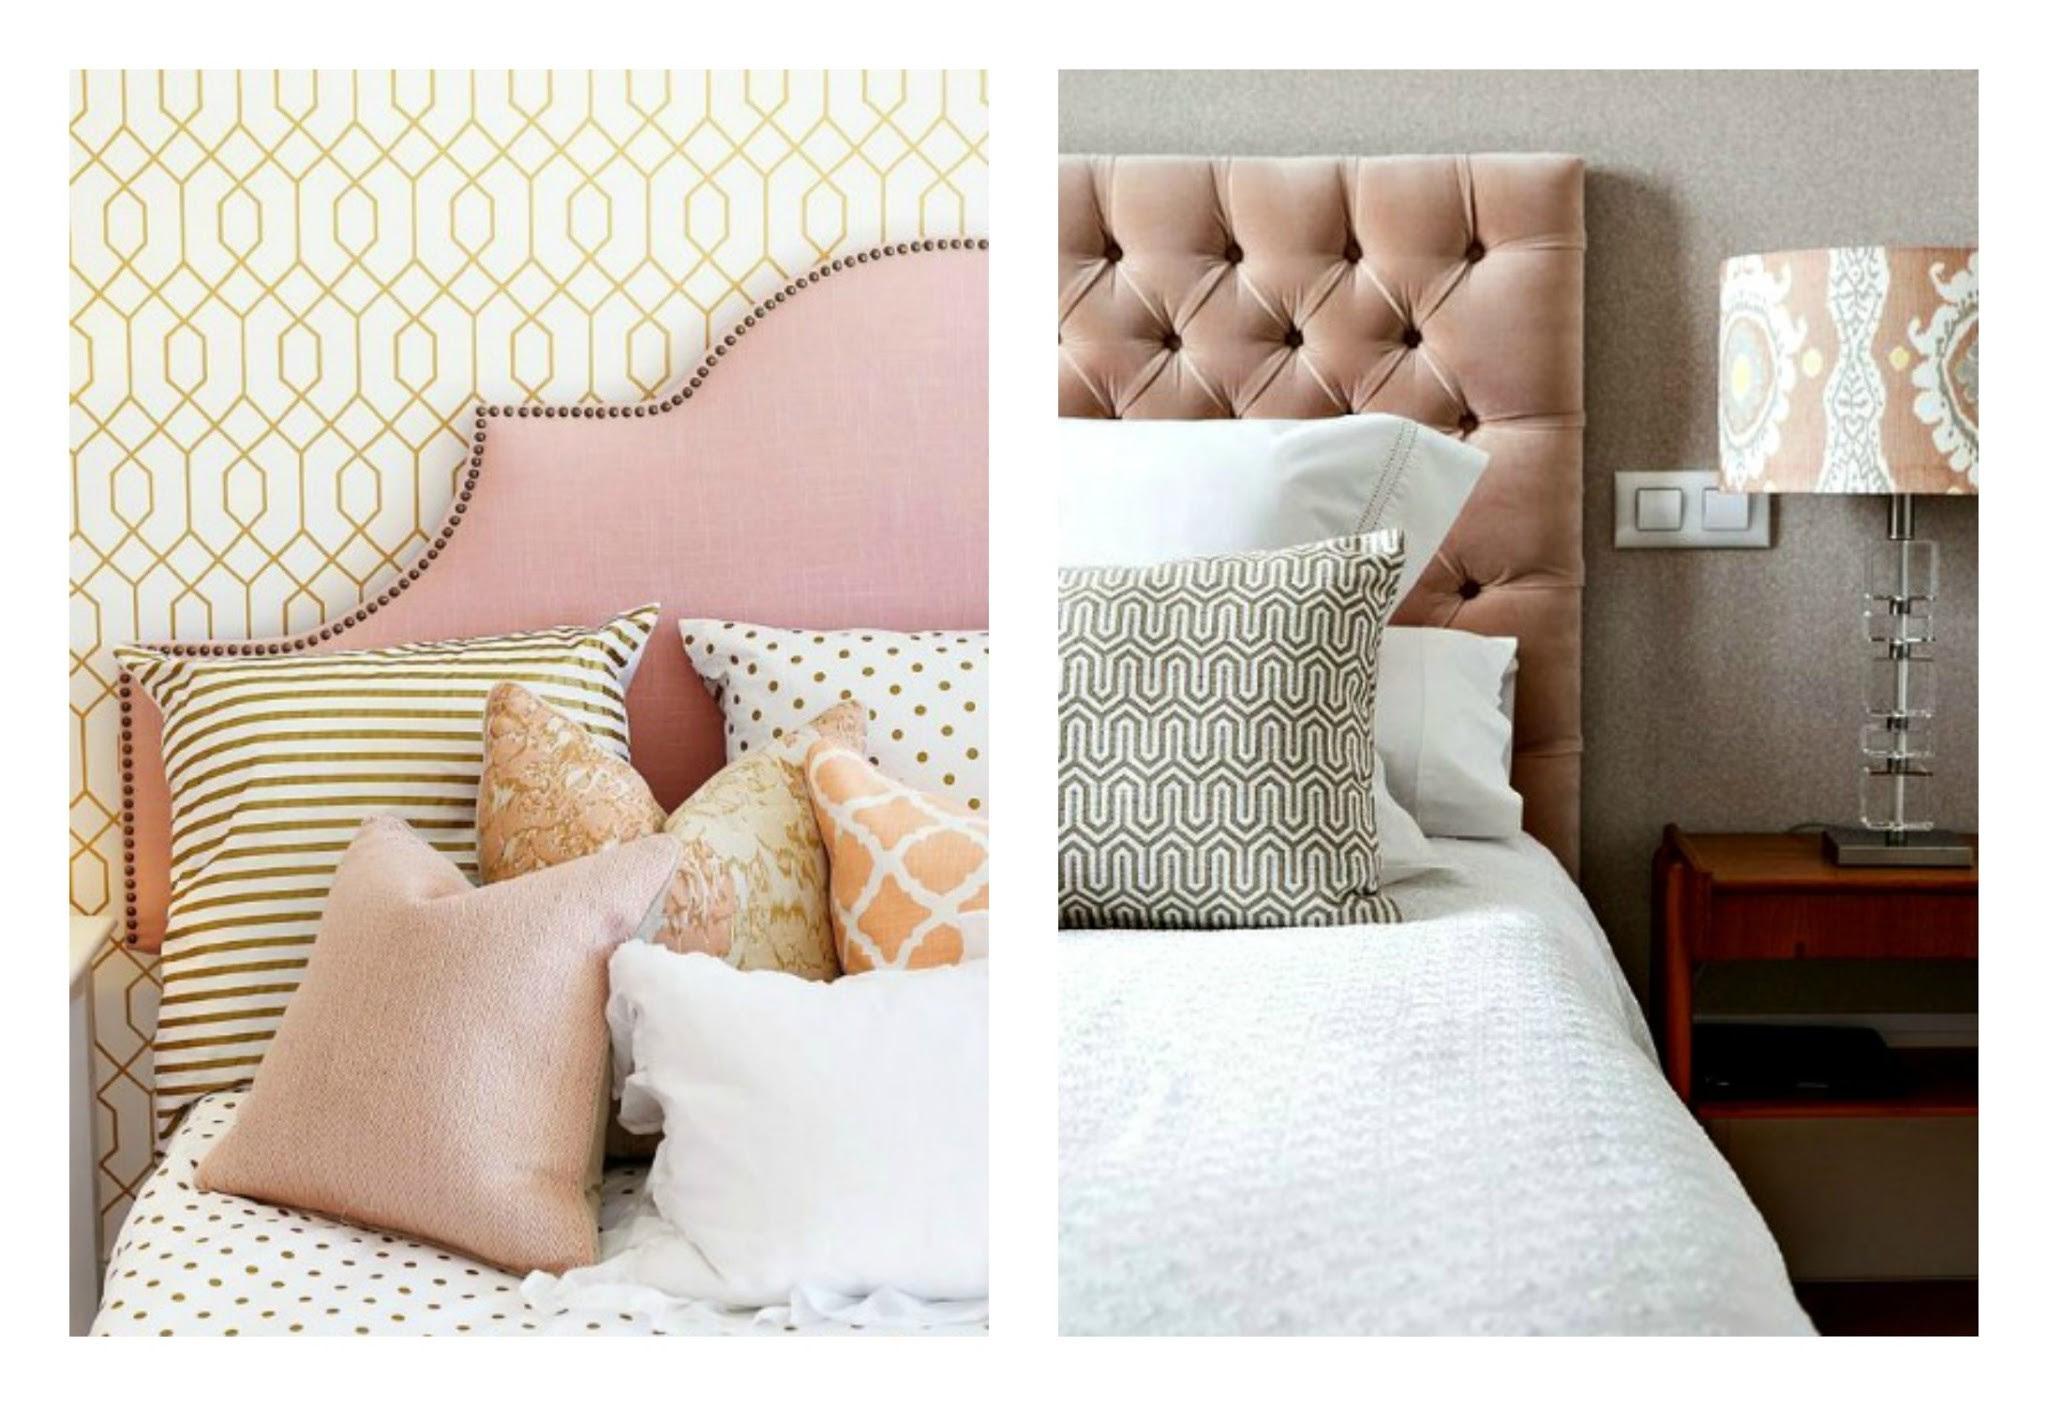 ¿Buscas cabeceros de cama originales y baratos? Nuestra recomendación 1